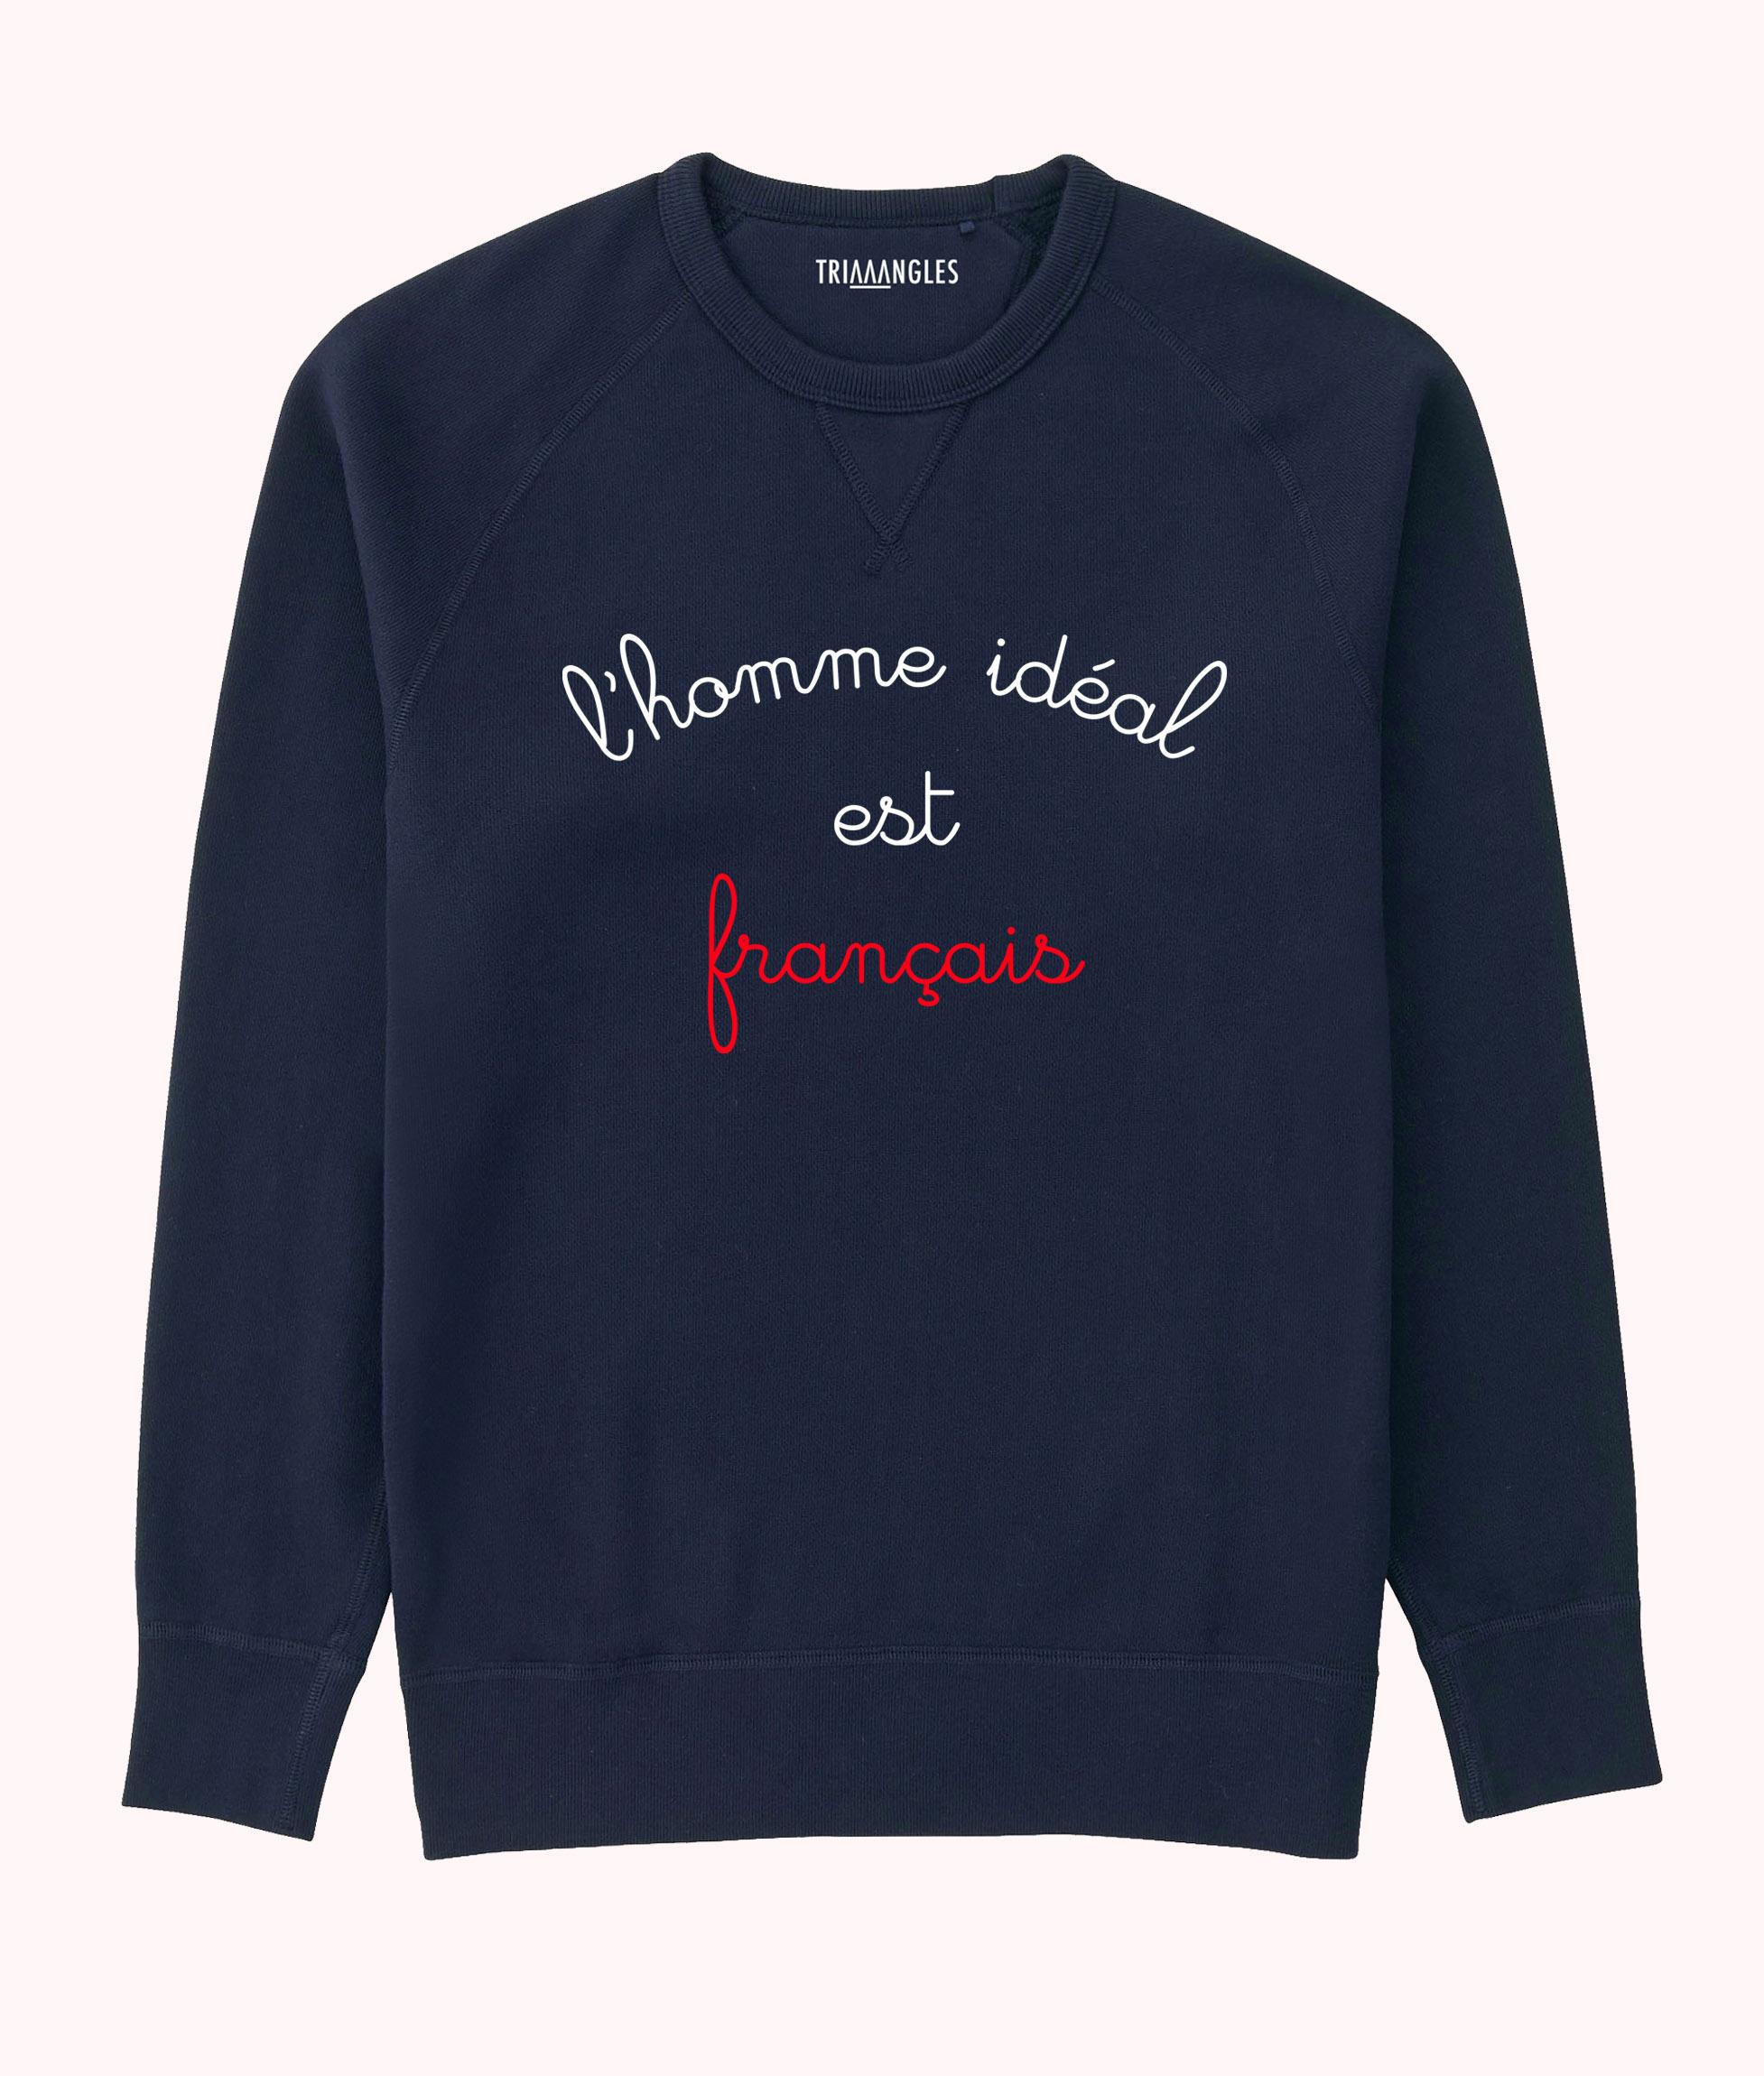 Sweat Navy Blue Triaaangles coupe homme - L'homme idéal est français - 49.90€ - * Personnalisable en boutique.